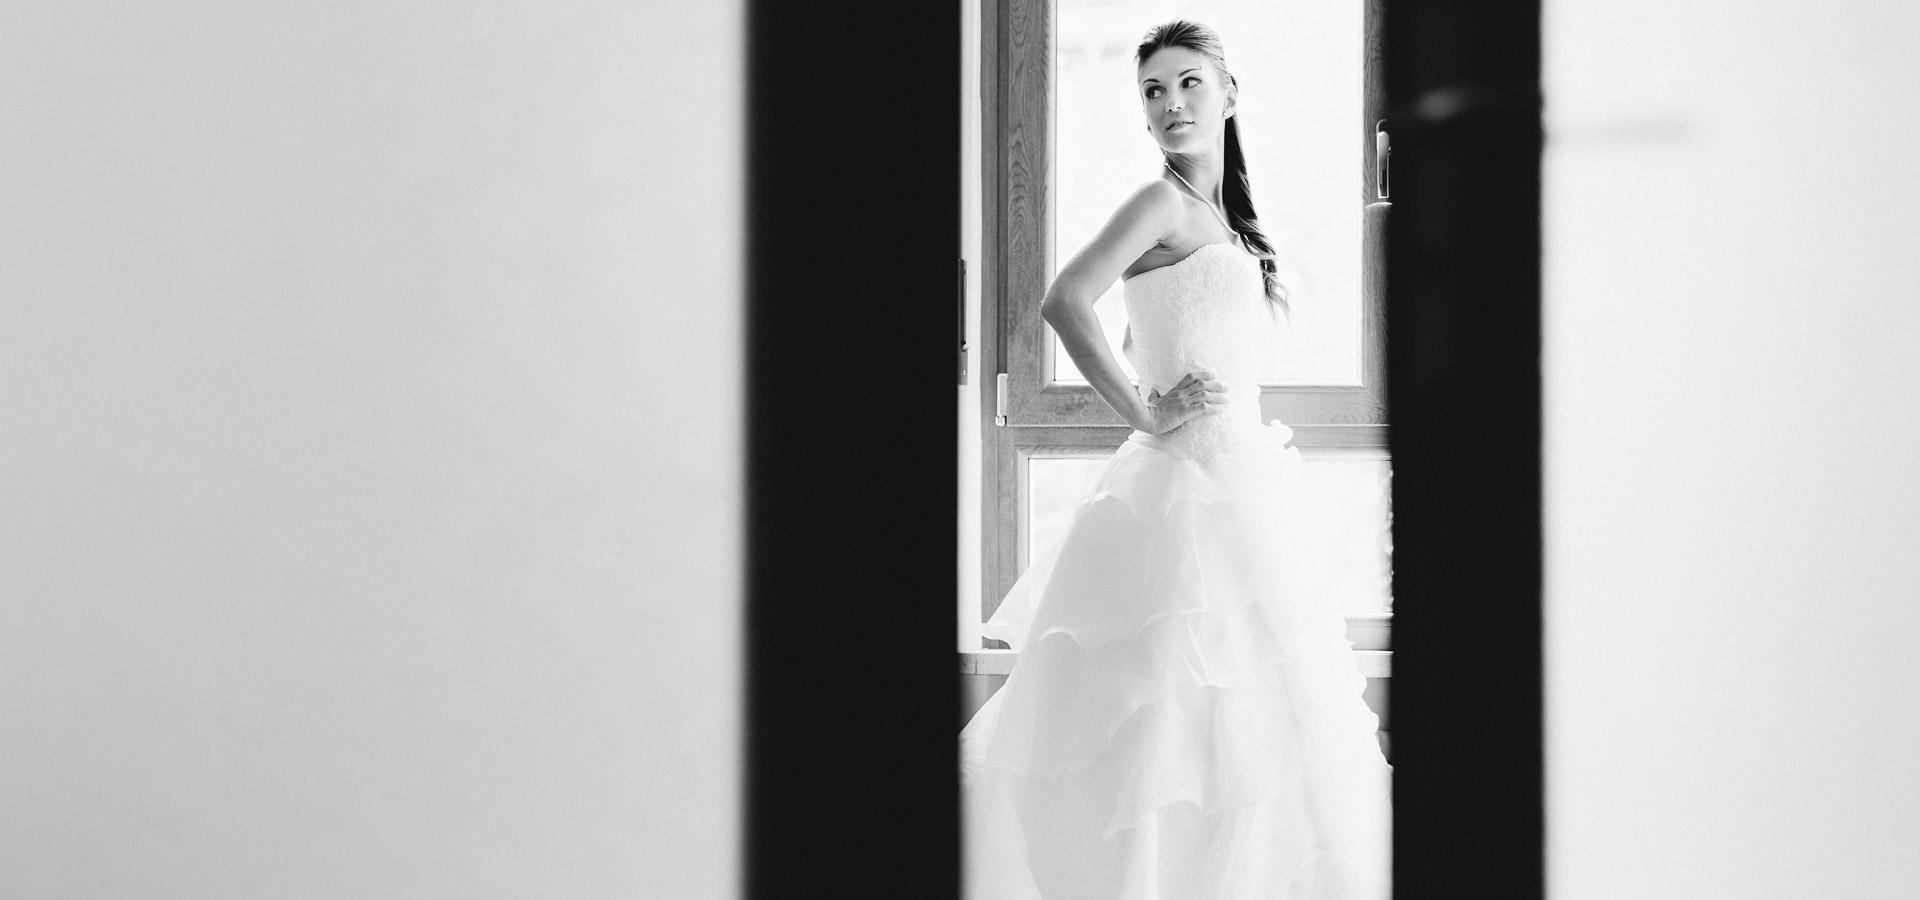 foto rubata alla sposa mentre prova l'abito per le nozze a torino